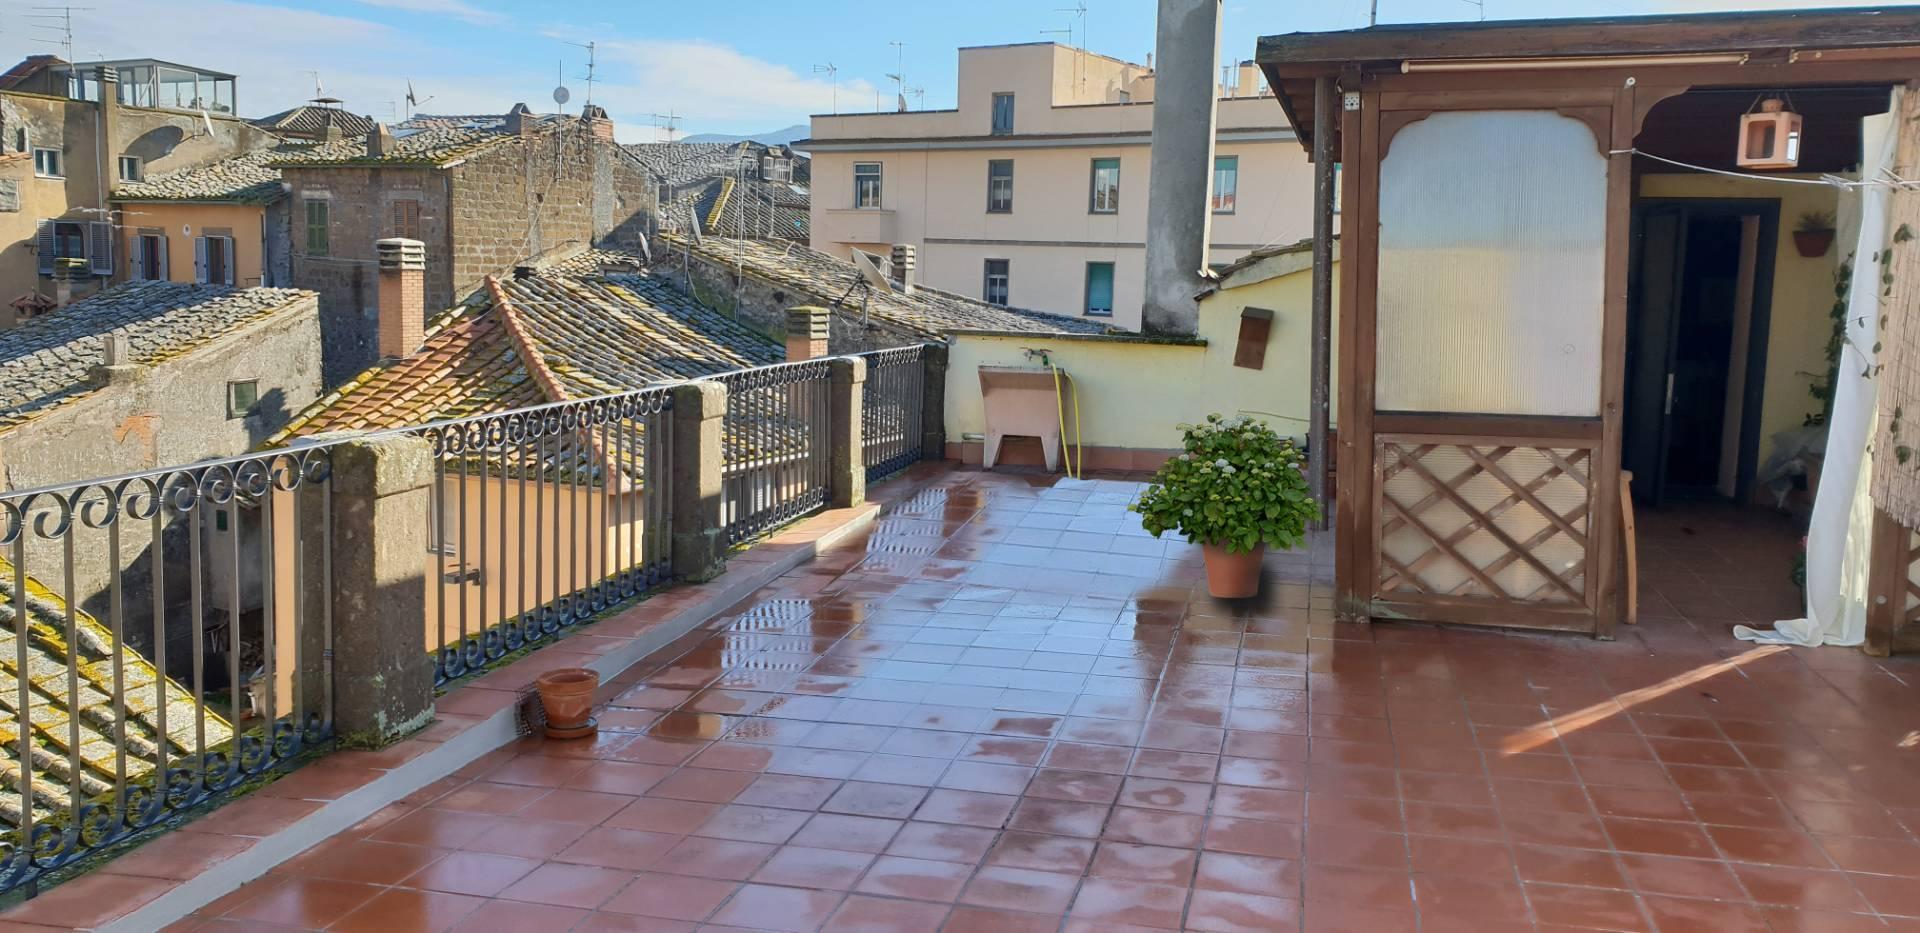 Appartamento in vendita a Viterbo, 5 locali, zona Zona: Centro, prezzo € 195.000 | CambioCasa.it